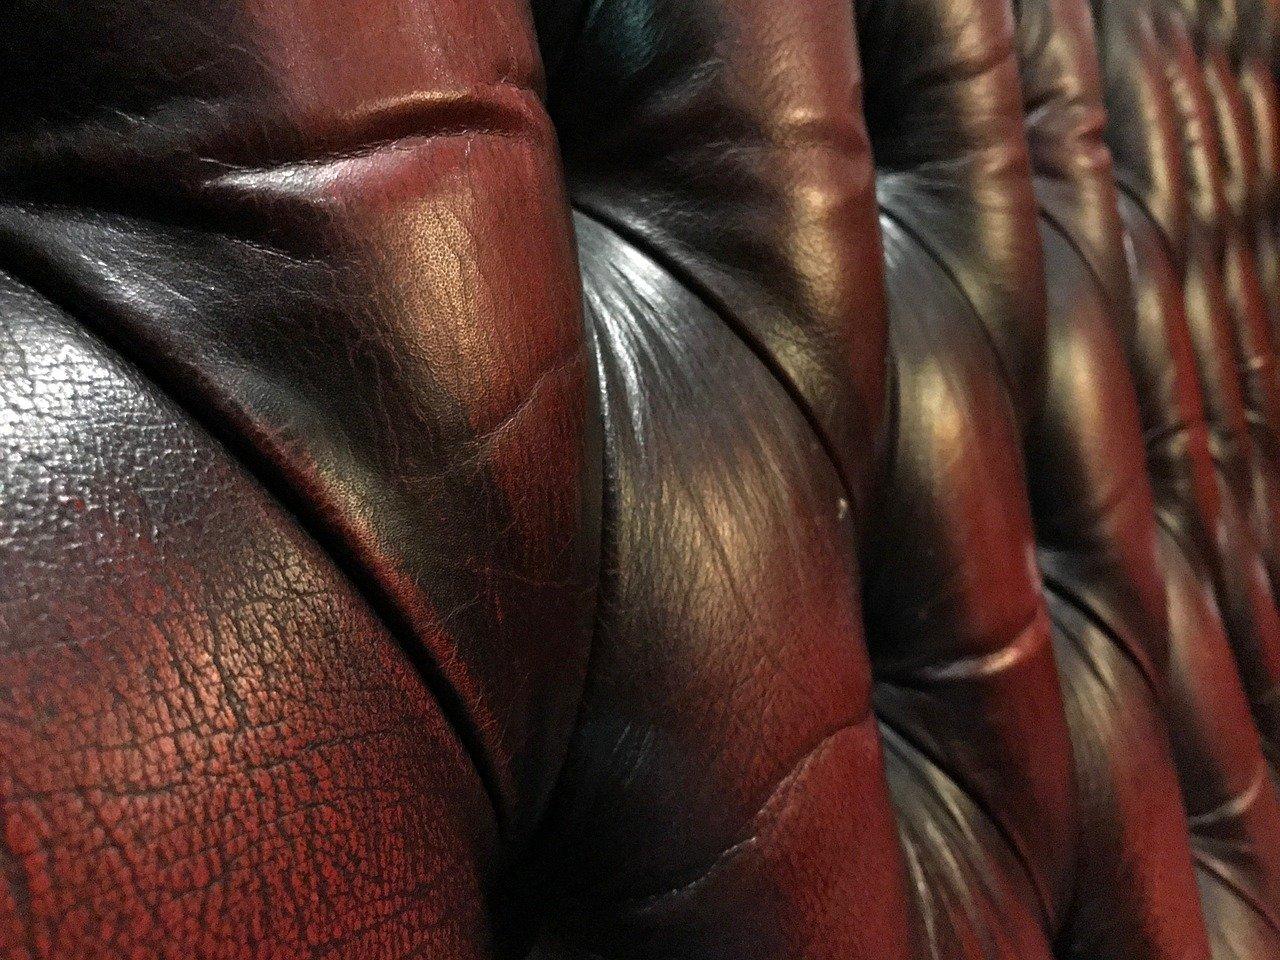 Gutes Leder ist sehr wichtig, um sich auch für eine längere Zeit im Leder Bürostuhl wohl zu fühlen.